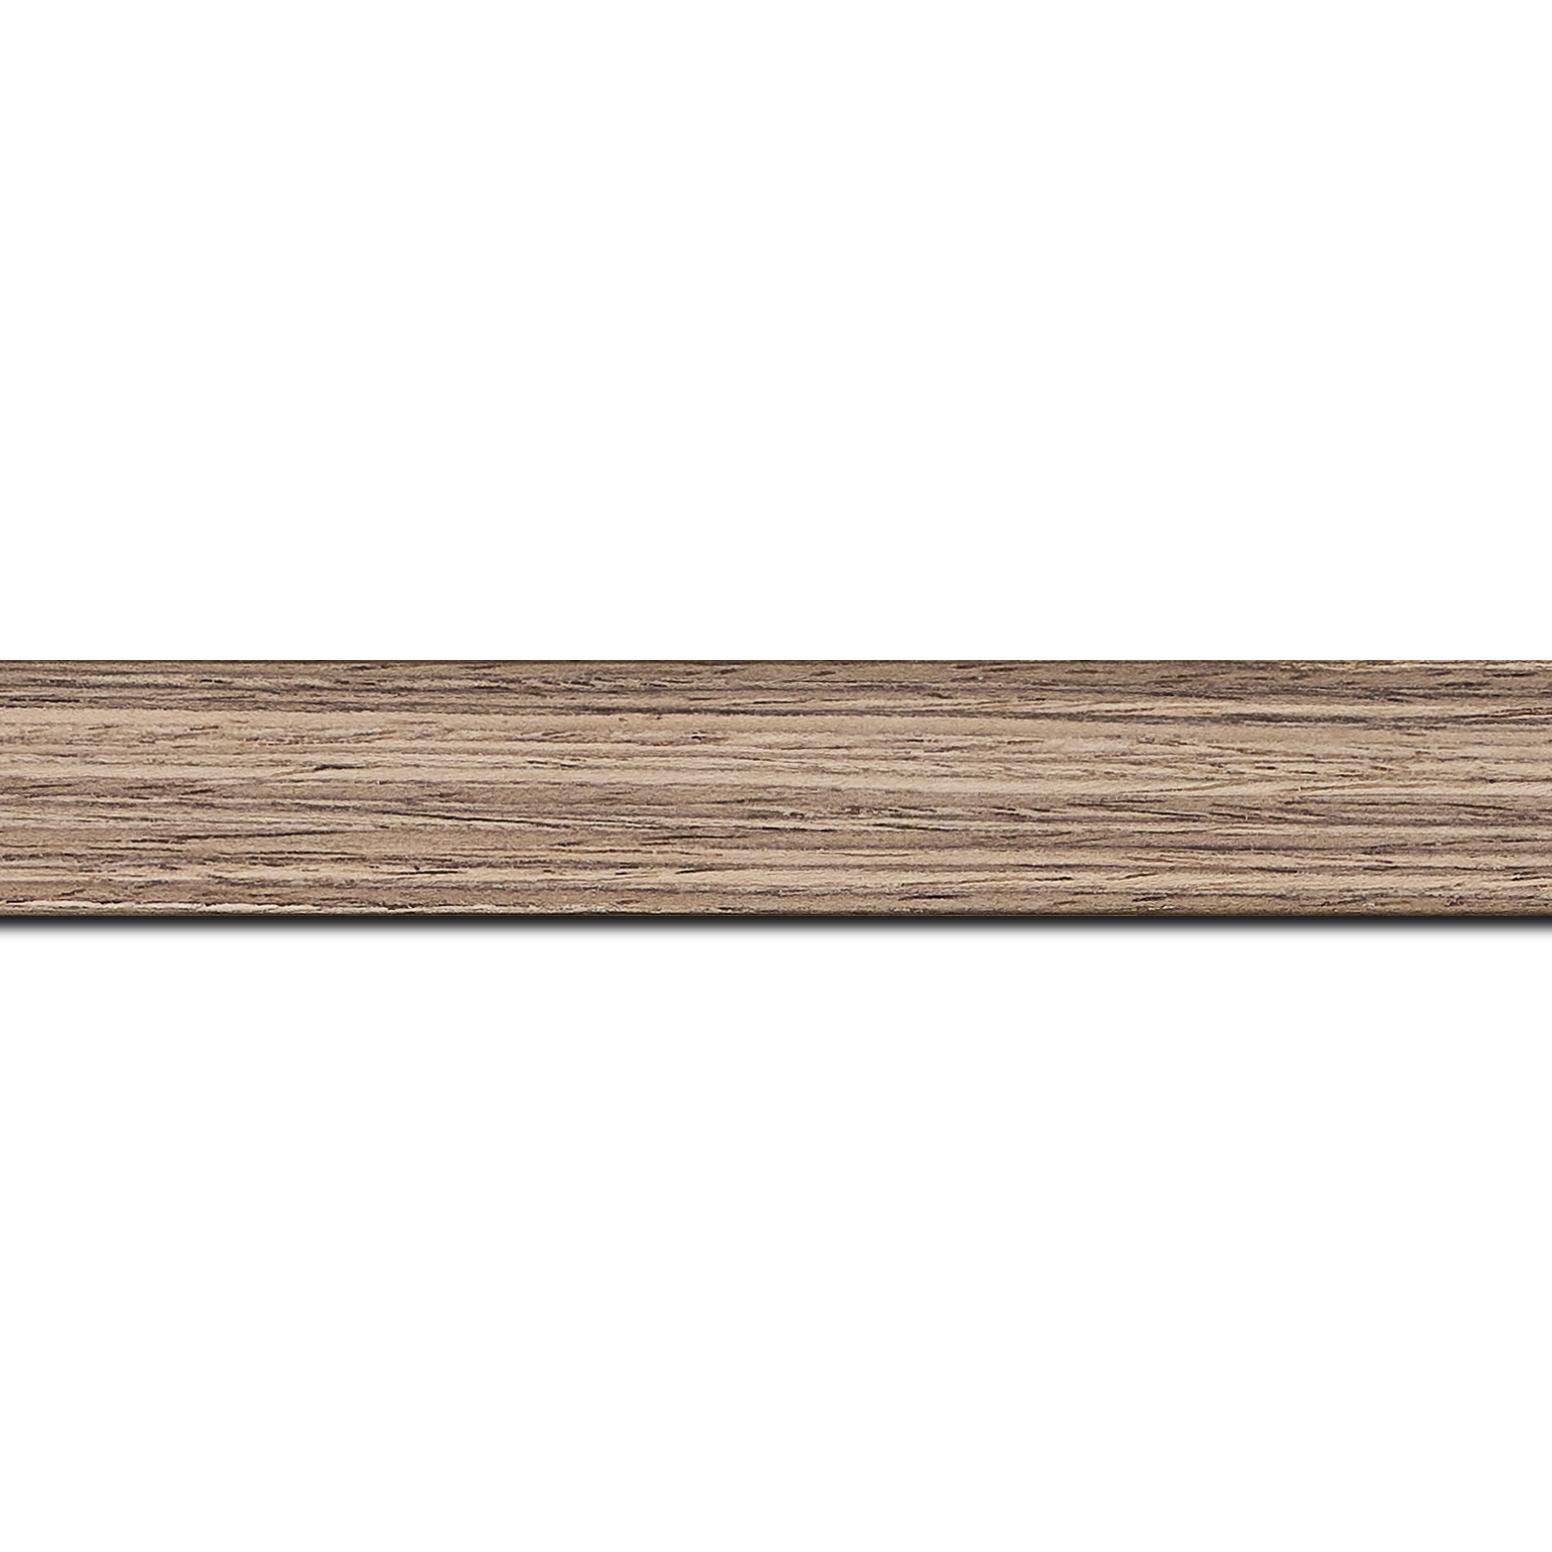 Baguette longueur 1.40m bois profil plat largeur 2.5cm plaquage noyer haut de gamme